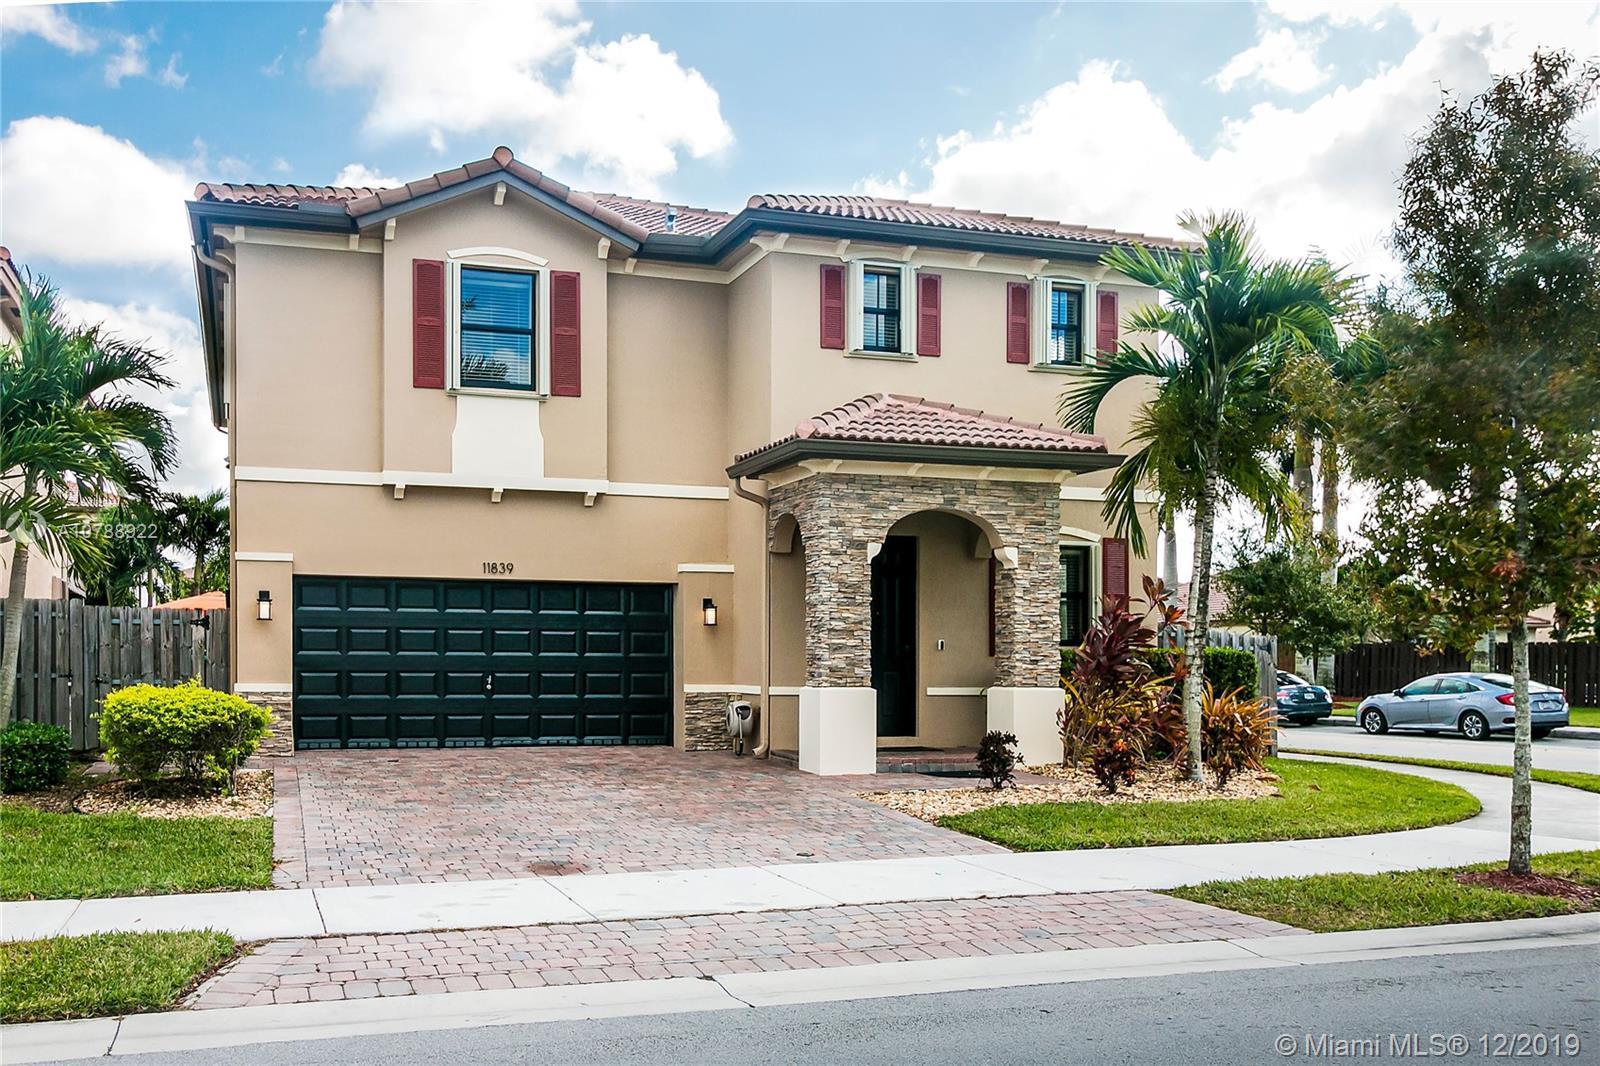 11839 SW 155th Ct, Miami FL 33196